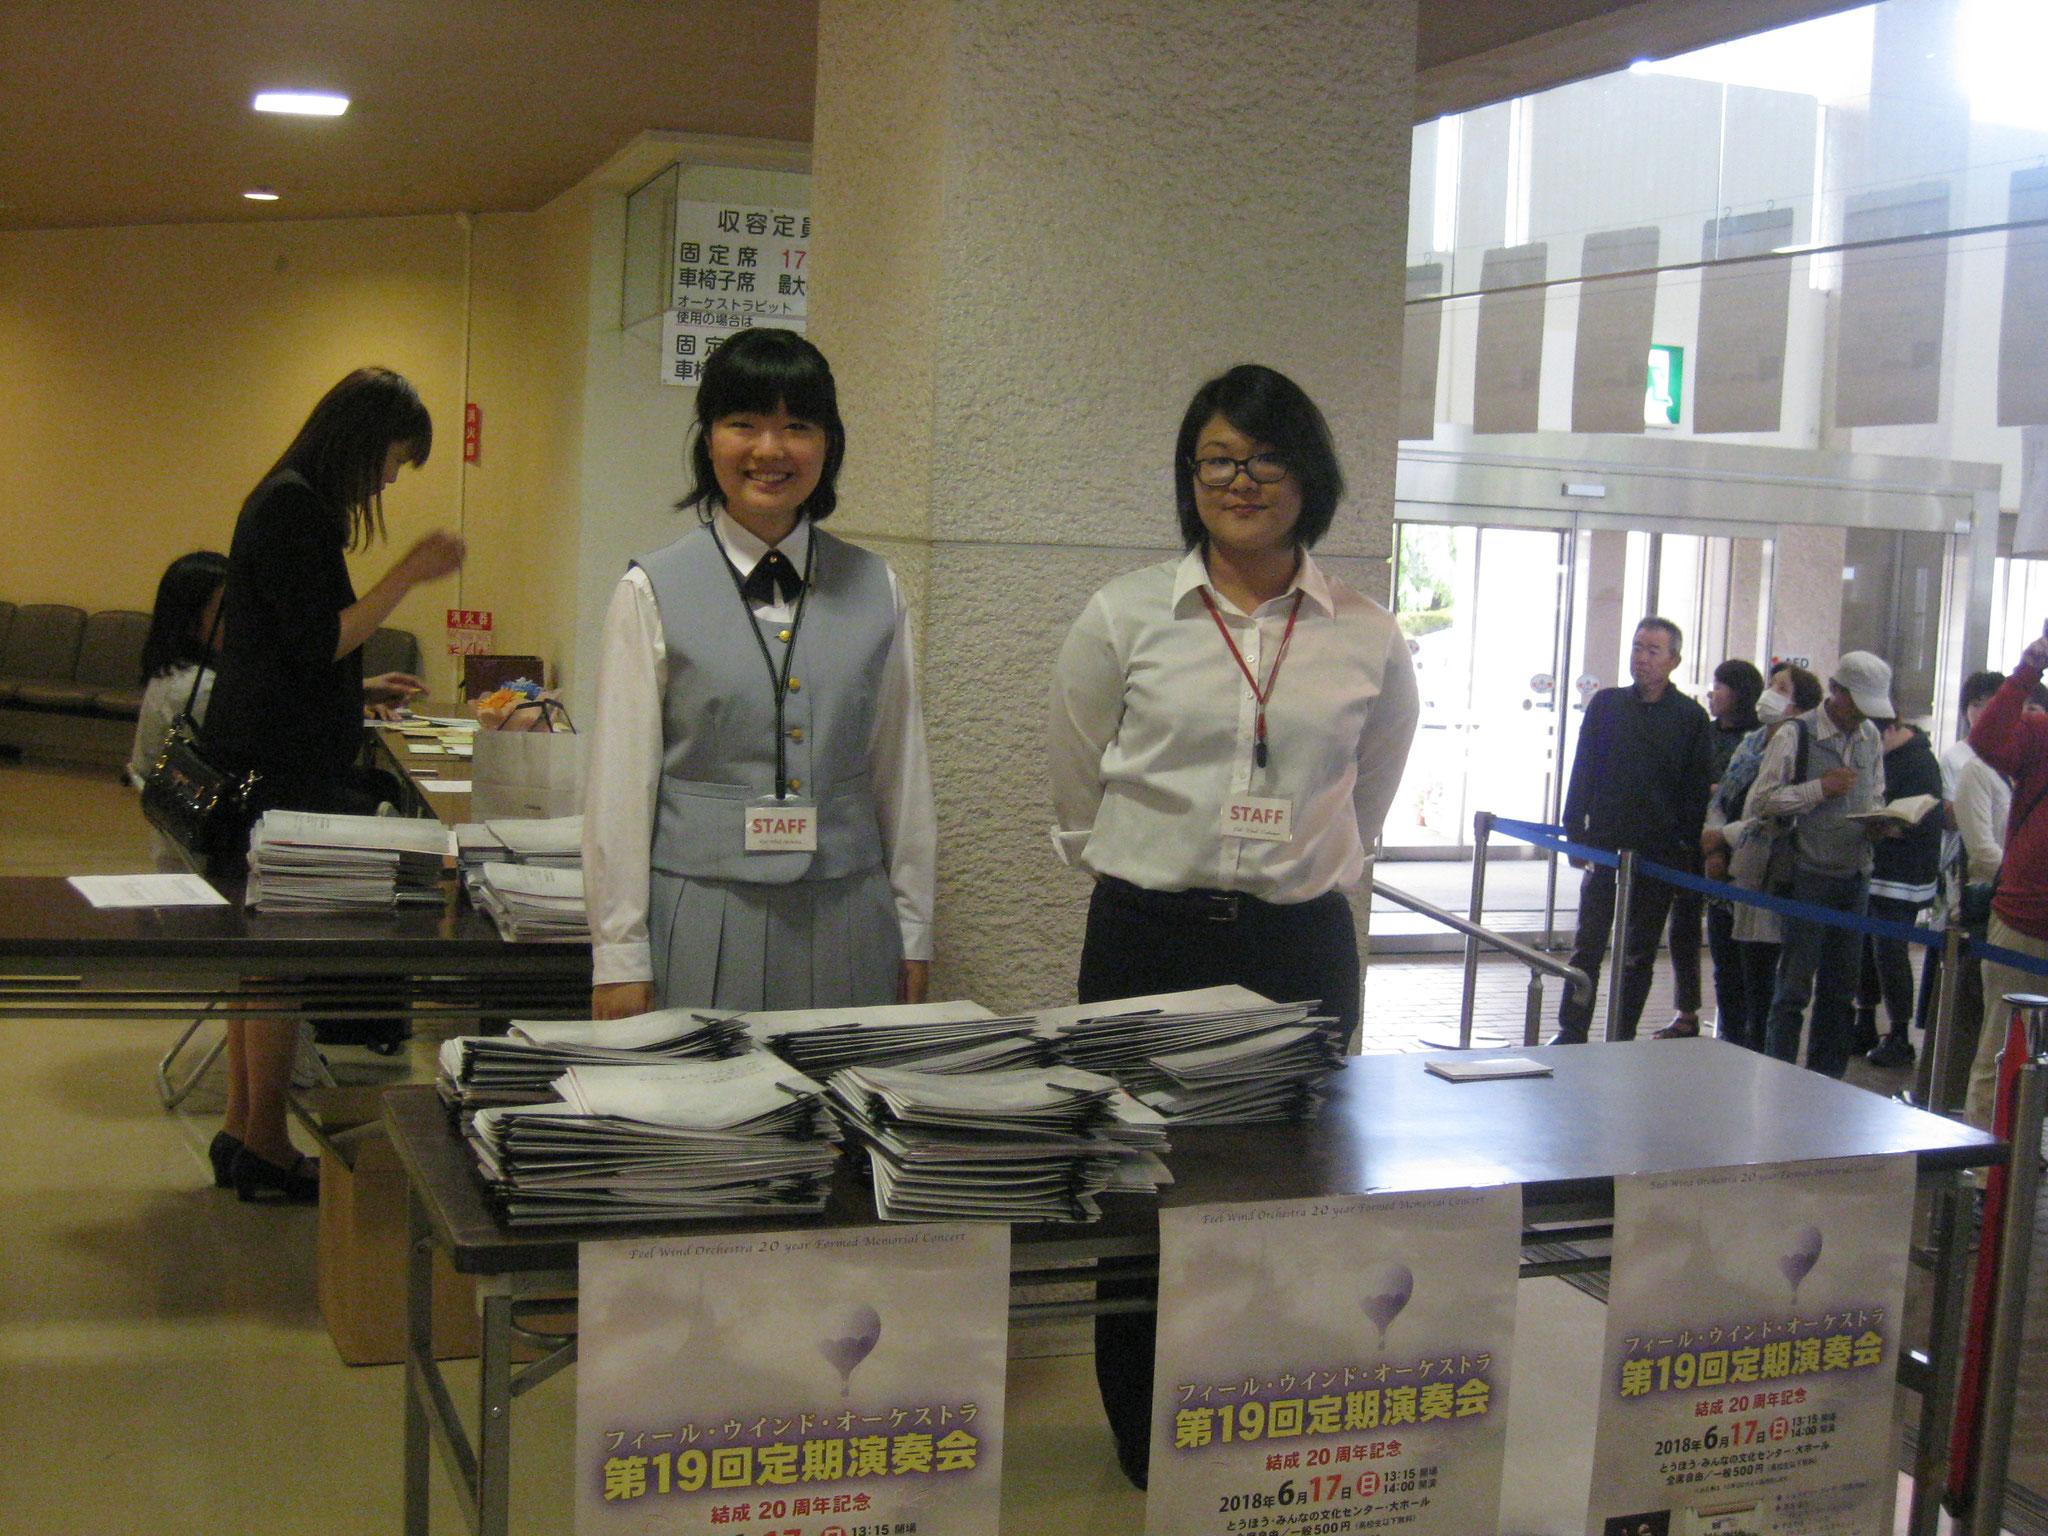 同じ福島市内で活動する福島ウインドアンサンブルさんもお手伝いにかけつけてくれました。